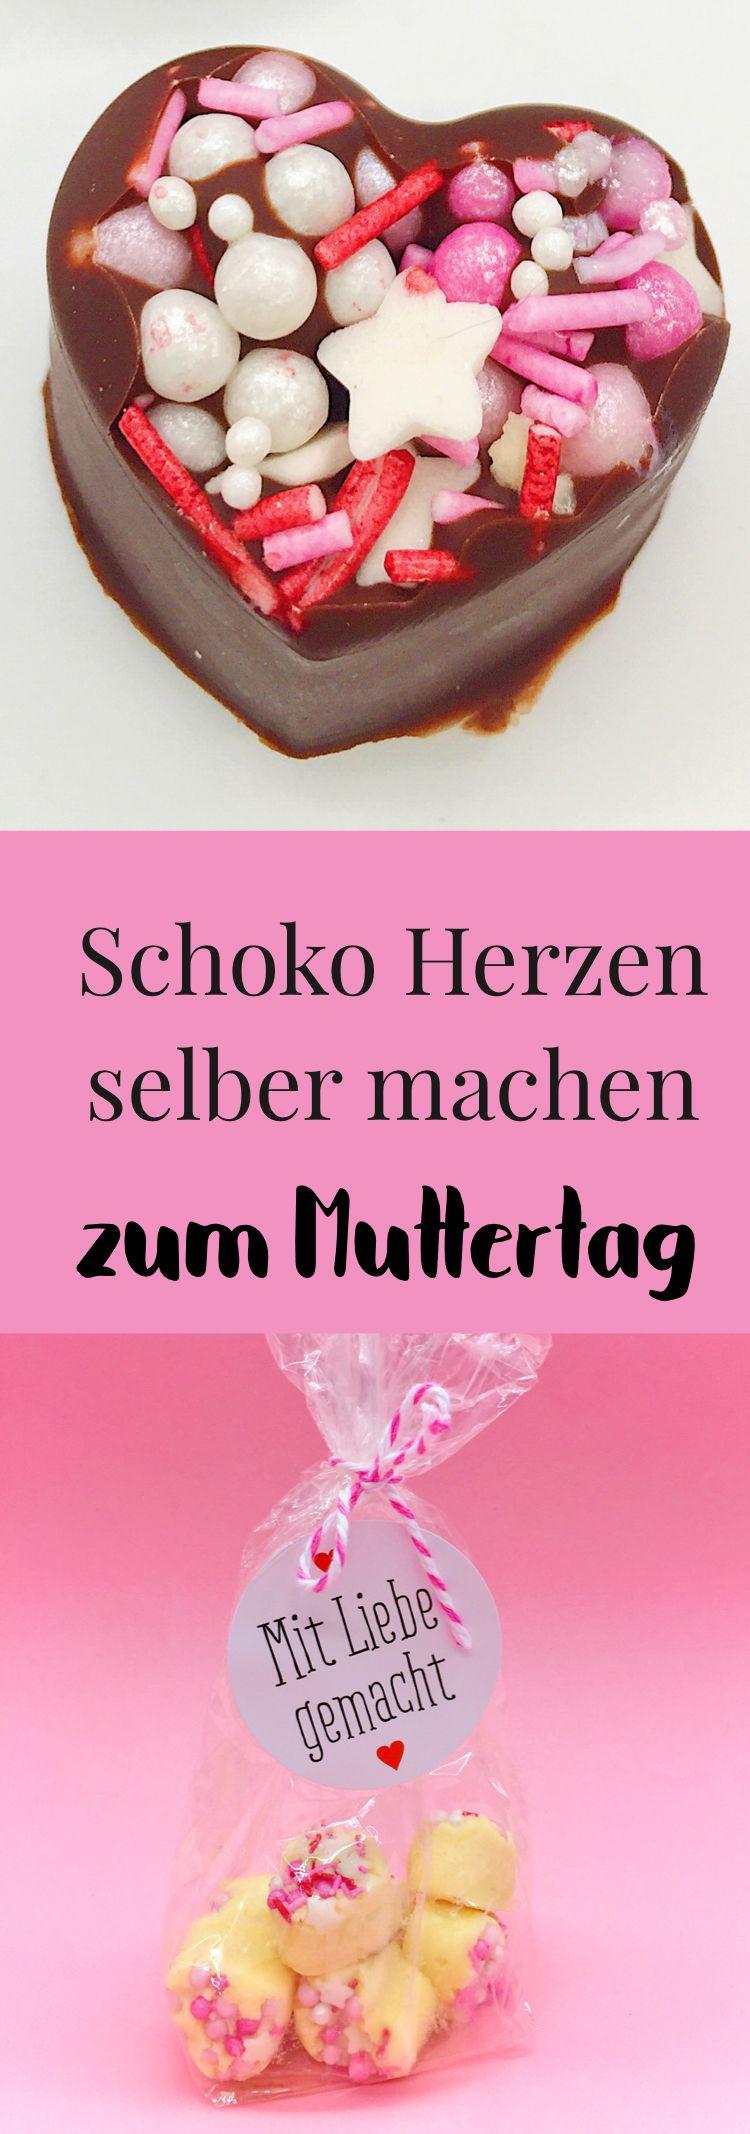 Geschenke Zum Muttertag Selber Machen : herzen aus schokolade selber machen einfache ~ Watch28wear.com Haus und Dekorationen